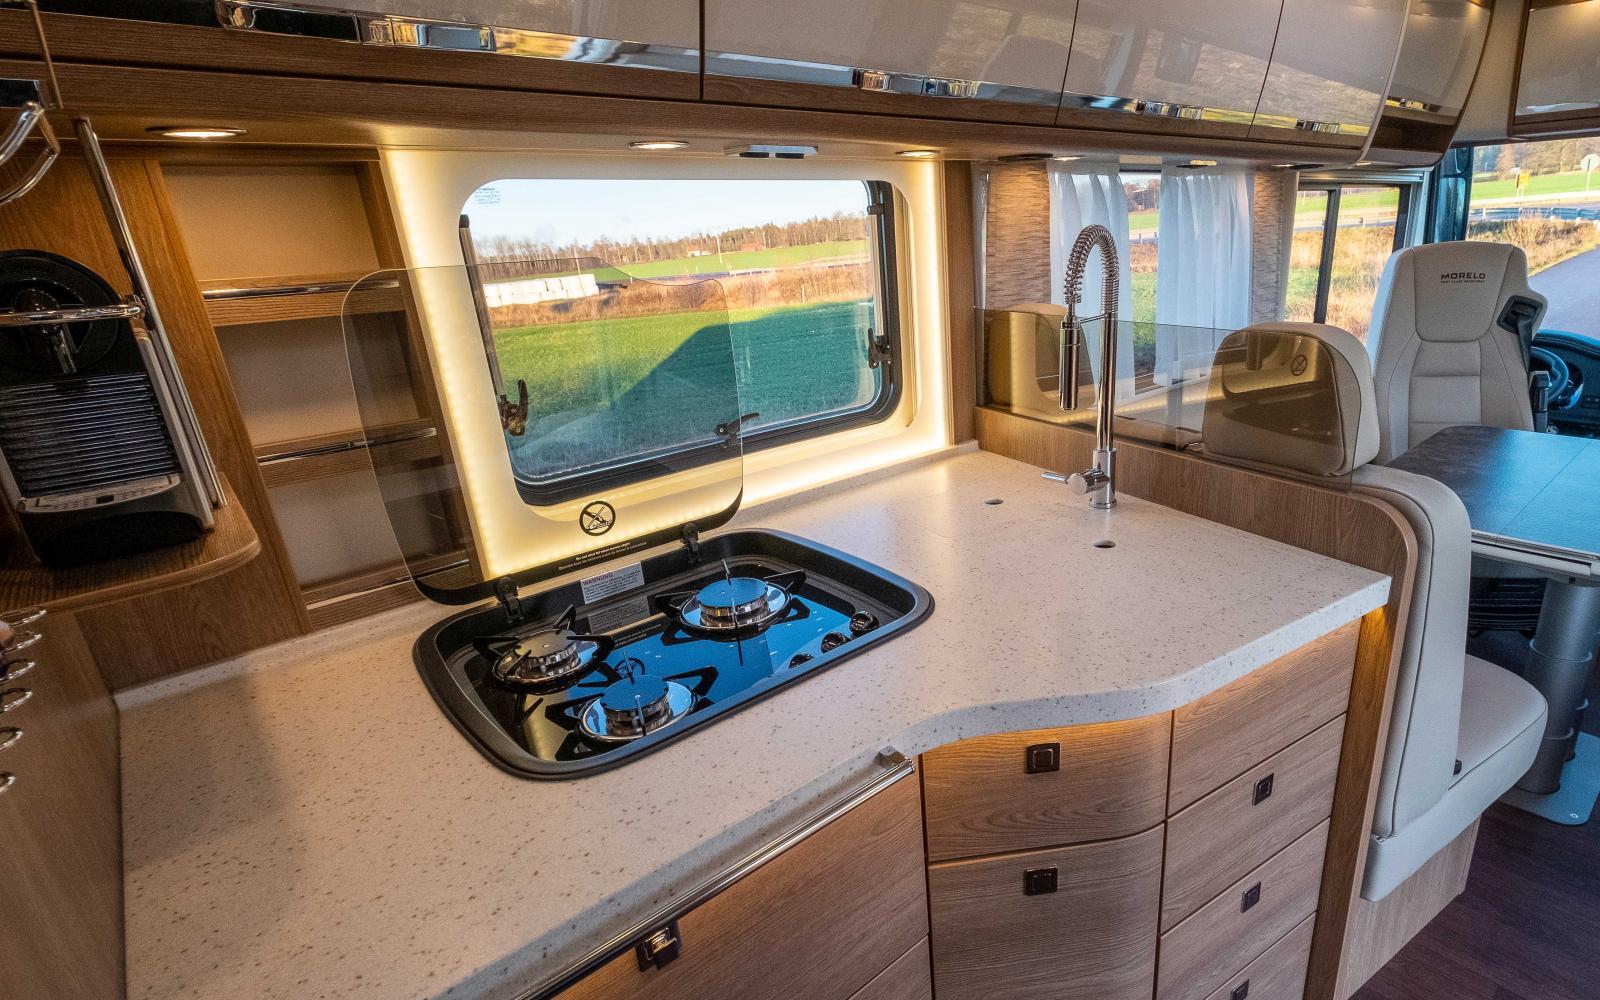 För en gångs skull finns det gott om arbets- och avställningsyta i köket. Köksbänken är av kompositmaterial som liknar marmor.